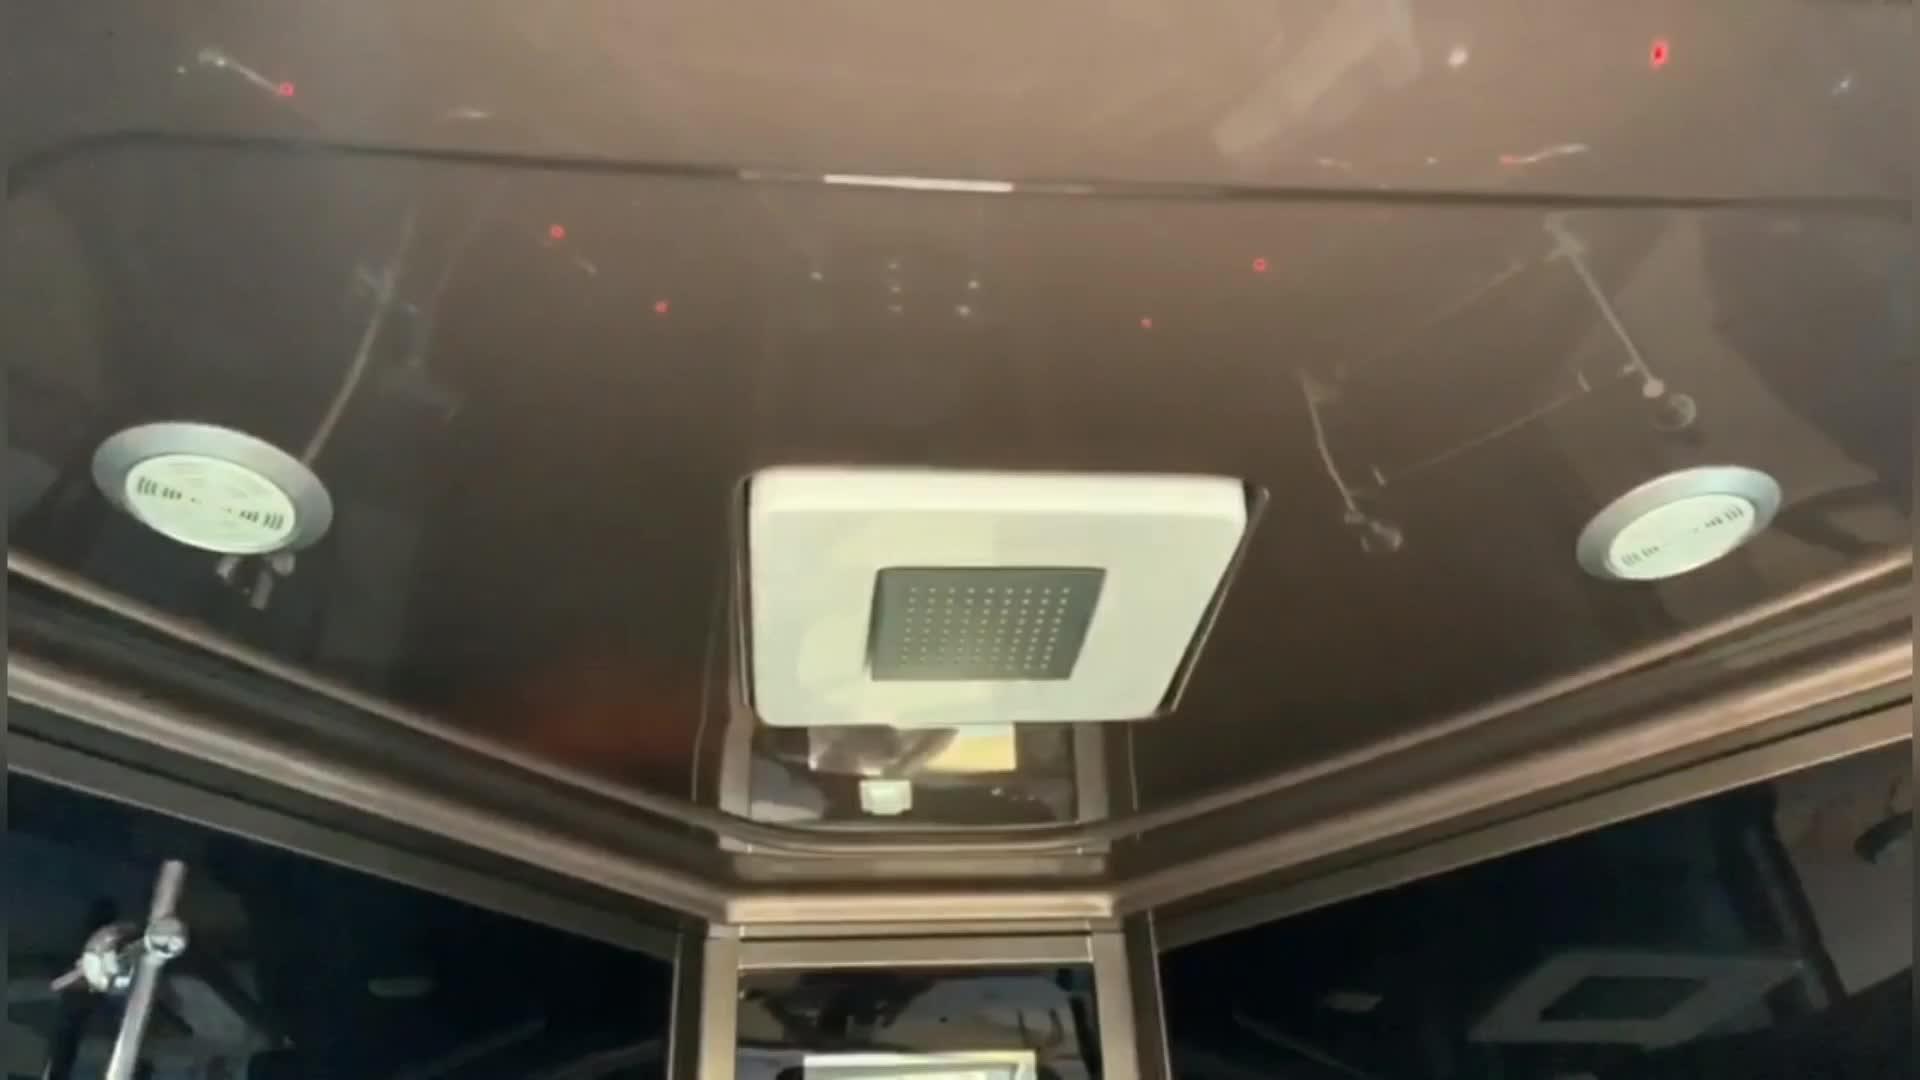 כמו-31011 חדש עיצוב יוקרה רחצה מקורה קיטור מקלחת חדר עם טלוויזיה